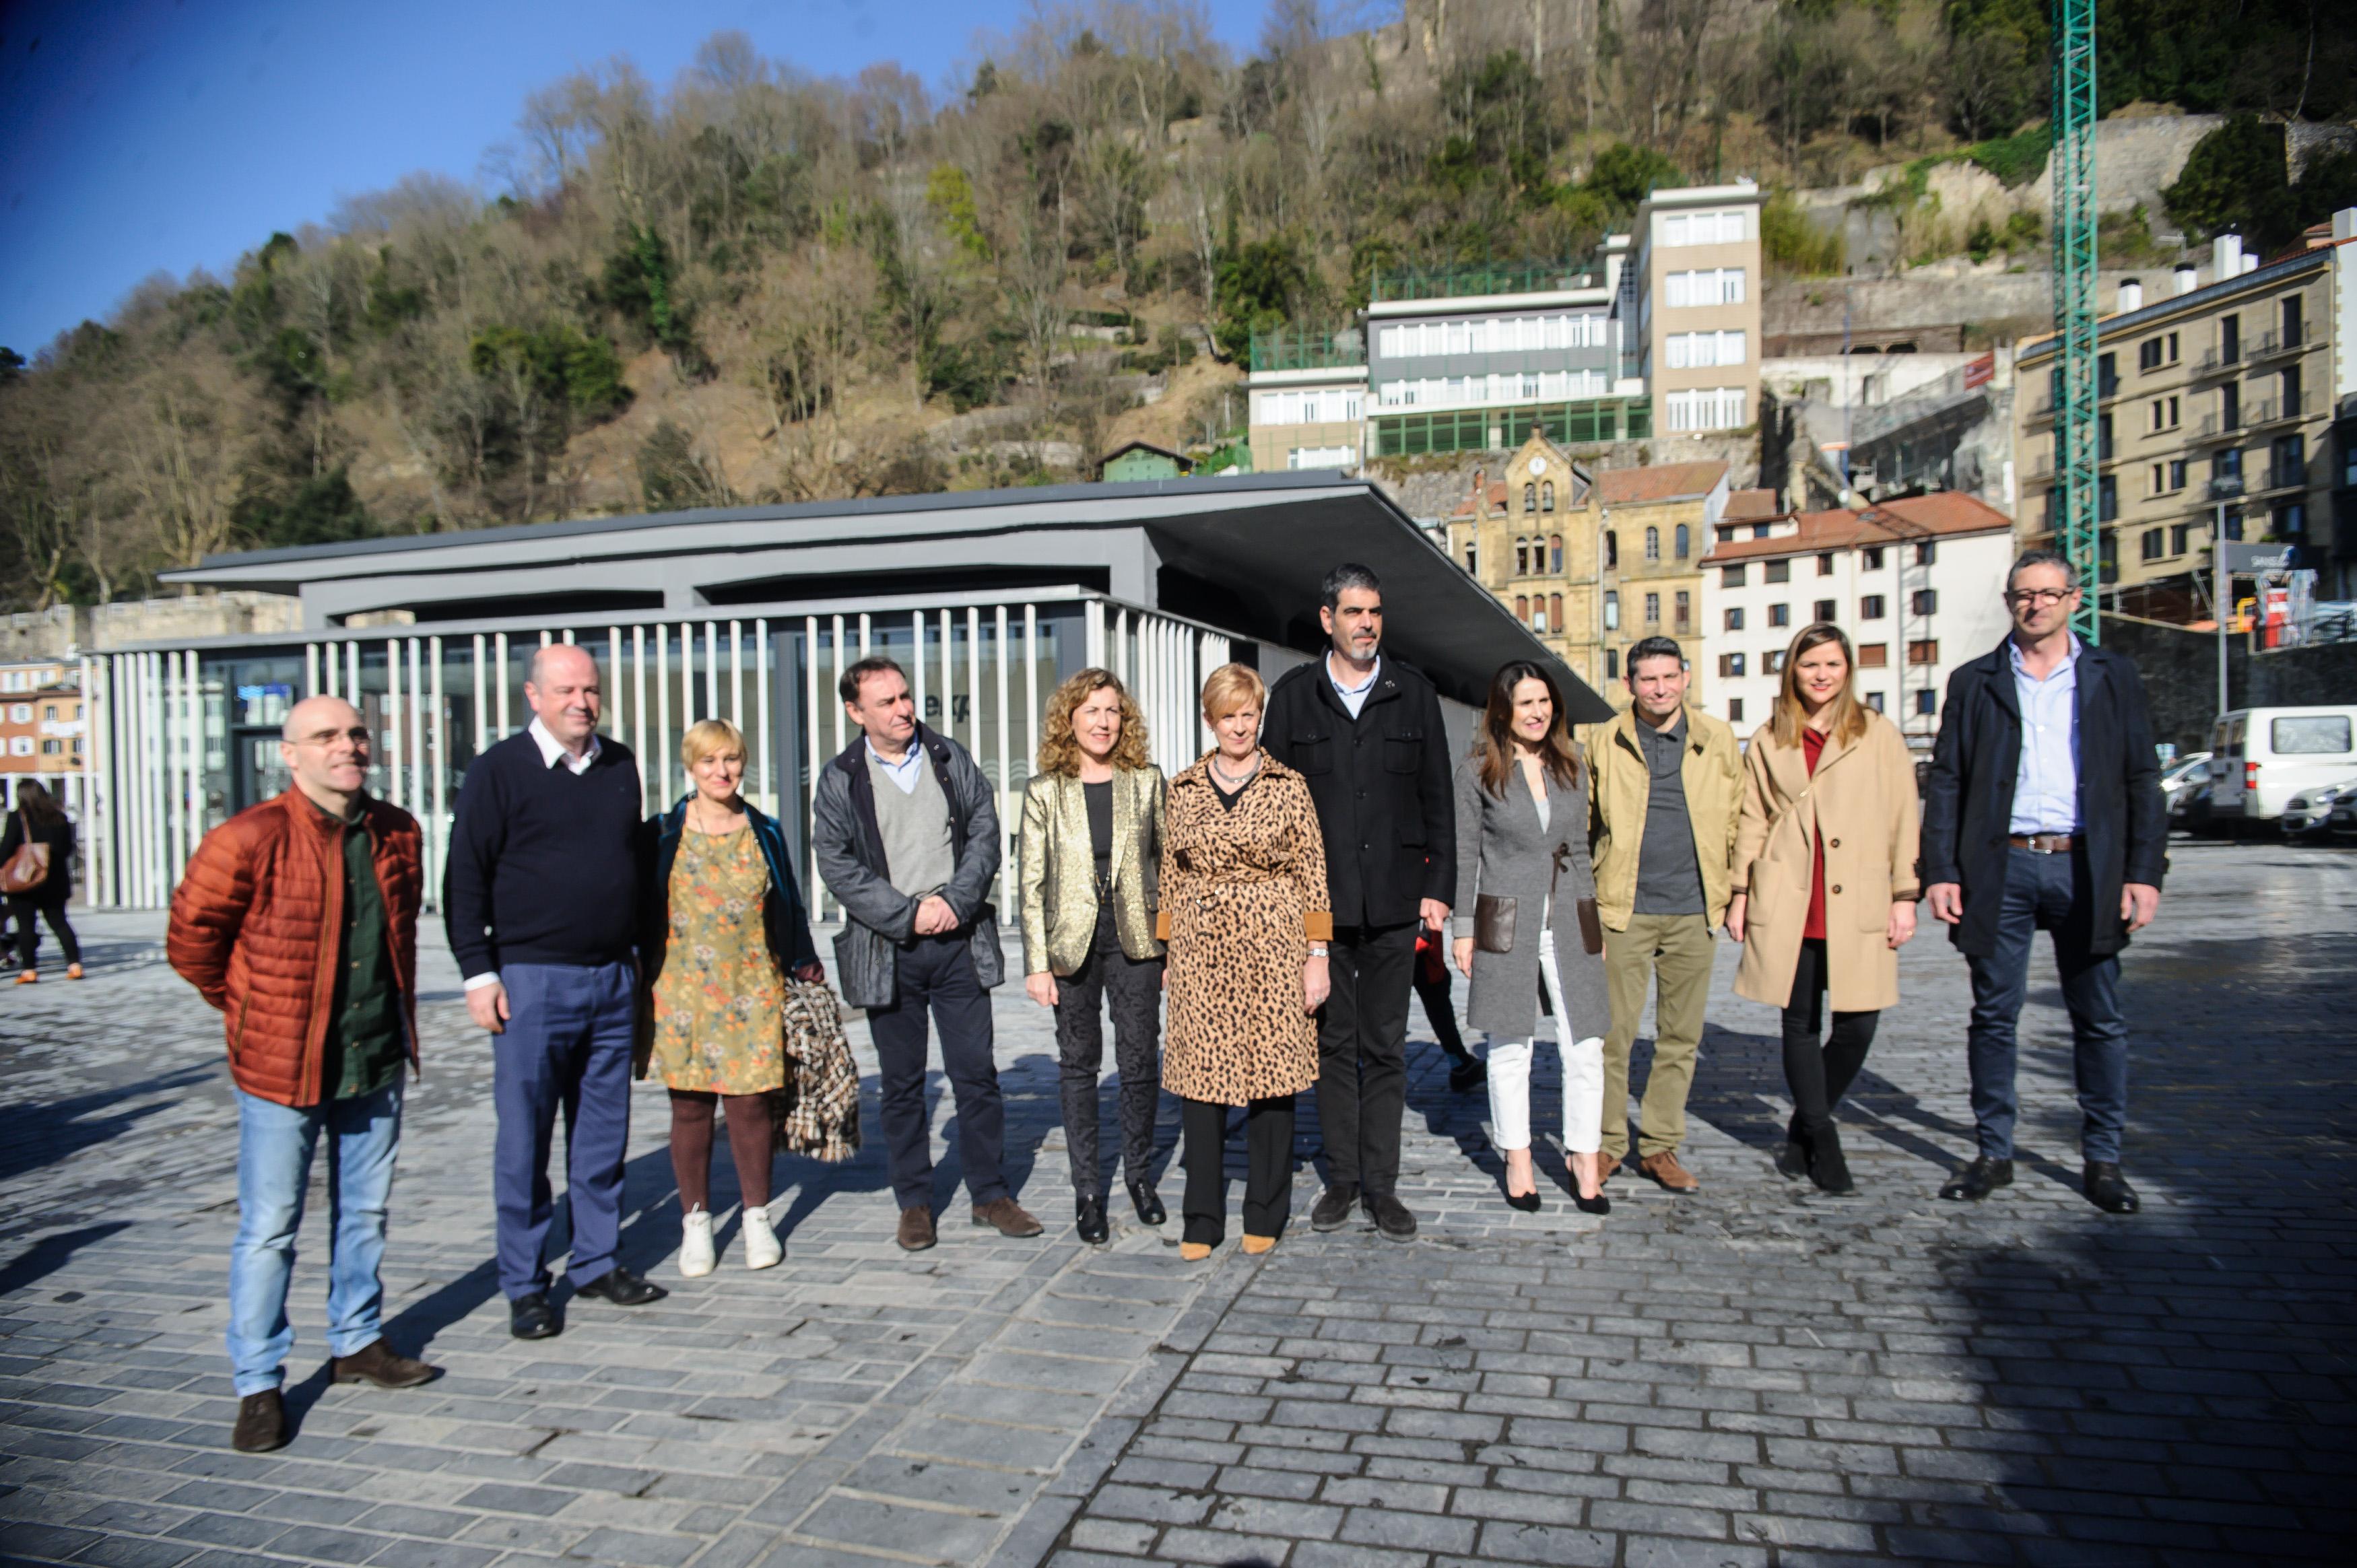 El nuevo Portaaviones ya es una realidad y revitalizará la actividad portuaria de Donostia